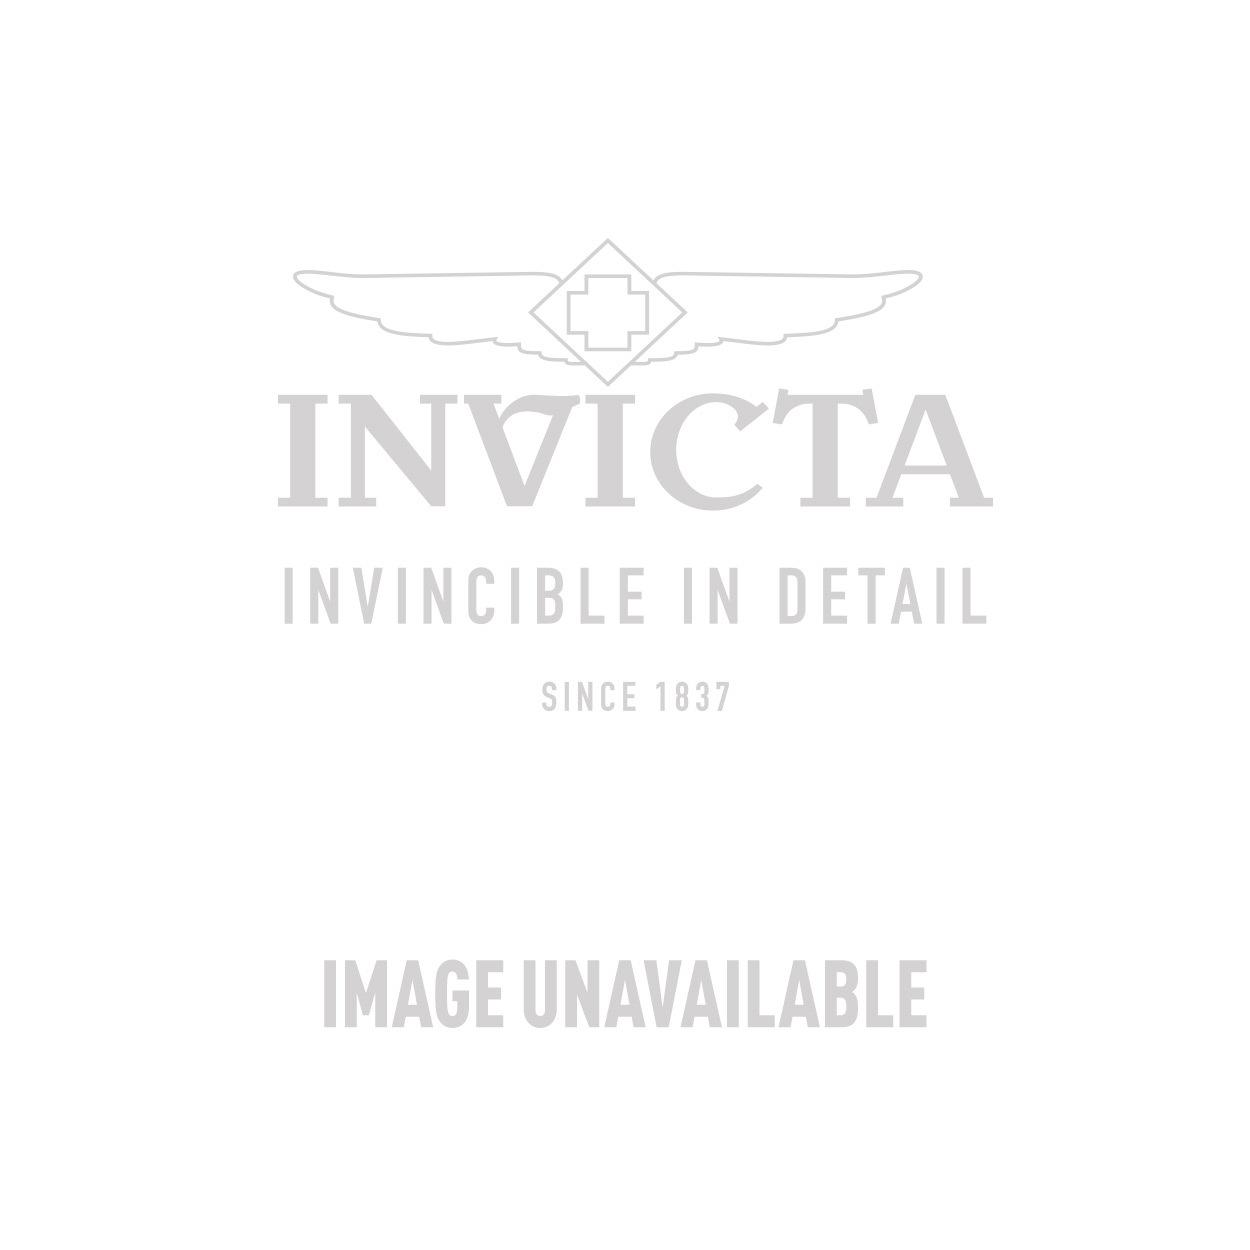 Invicta Model 26985